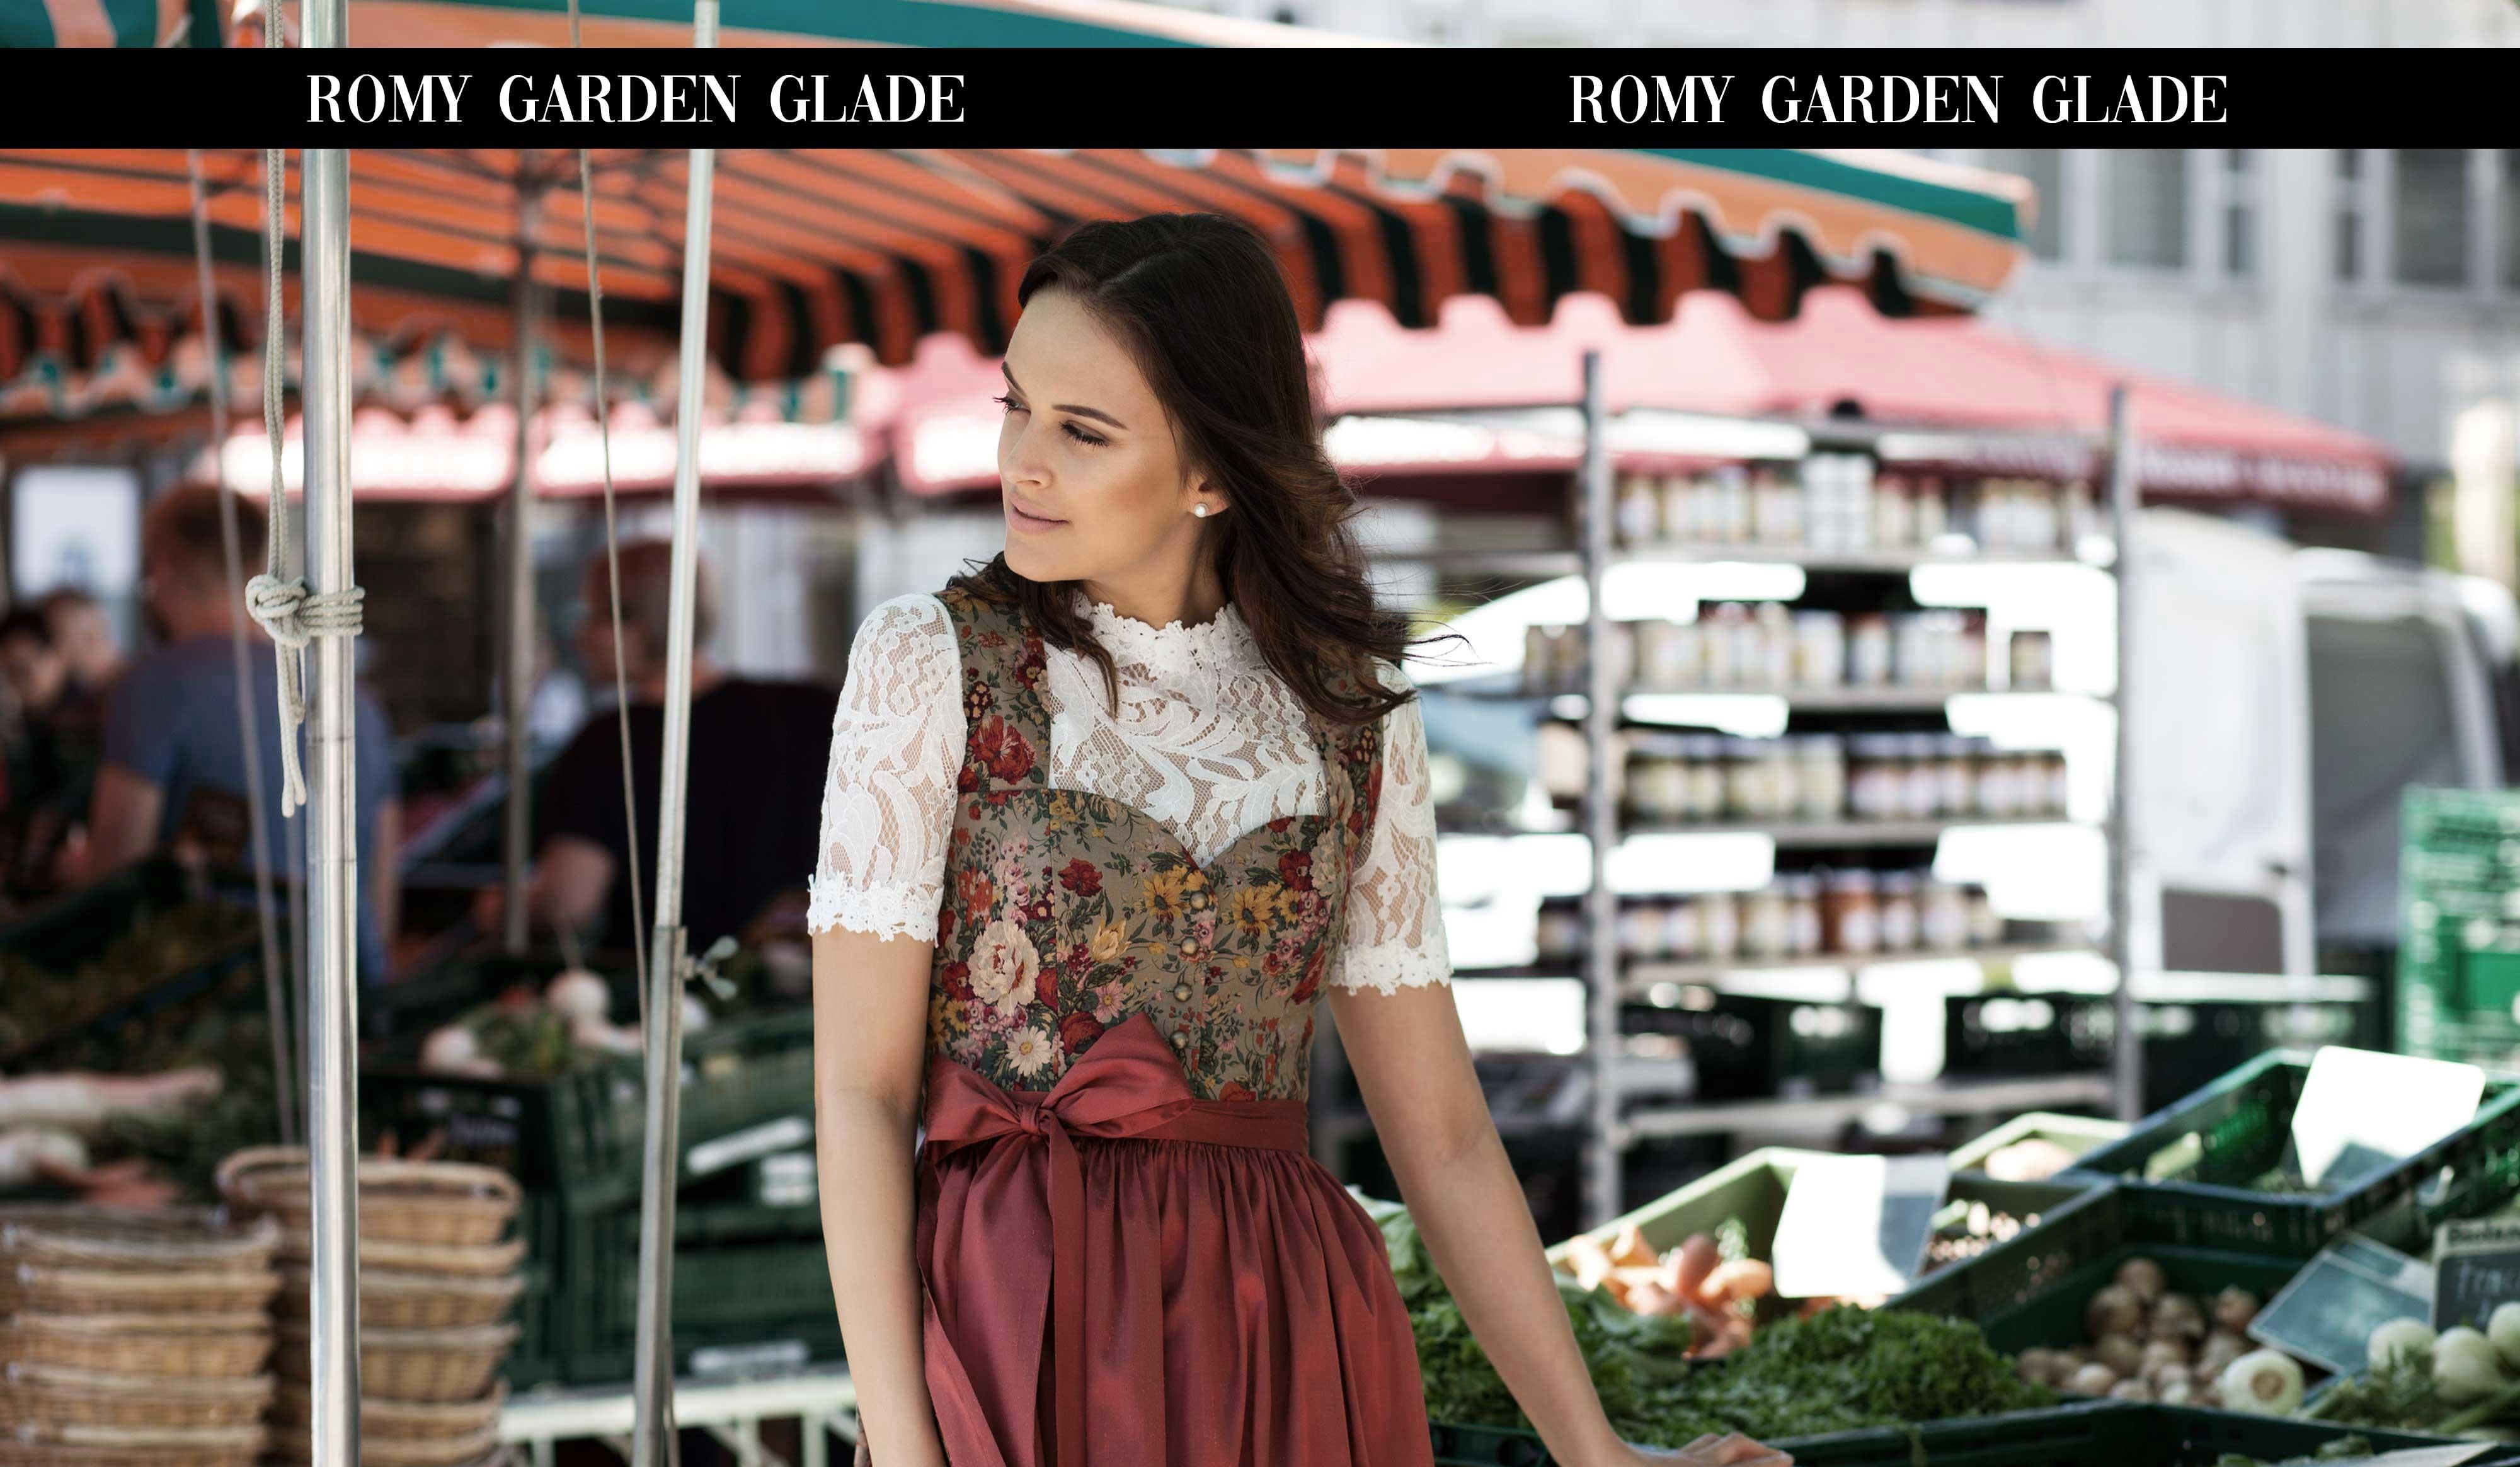 Lookbook 2019 ROMY, sommerliches Dirndlkleid mit hohem Herzausschnitt und breiten Trägern.